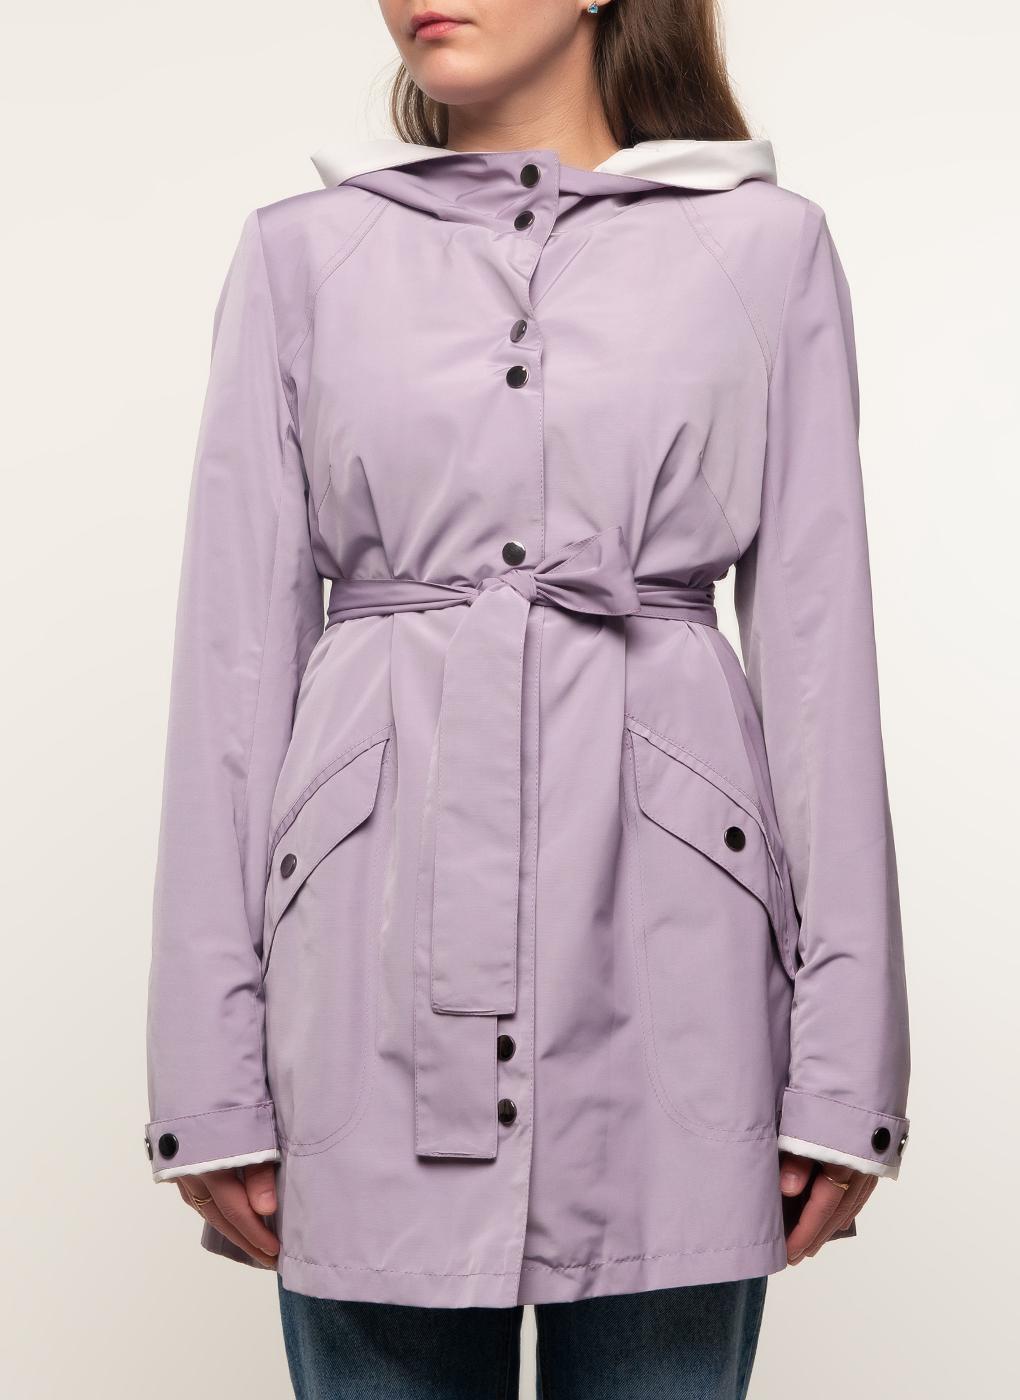 Куртка прямая 01, De Marse фото